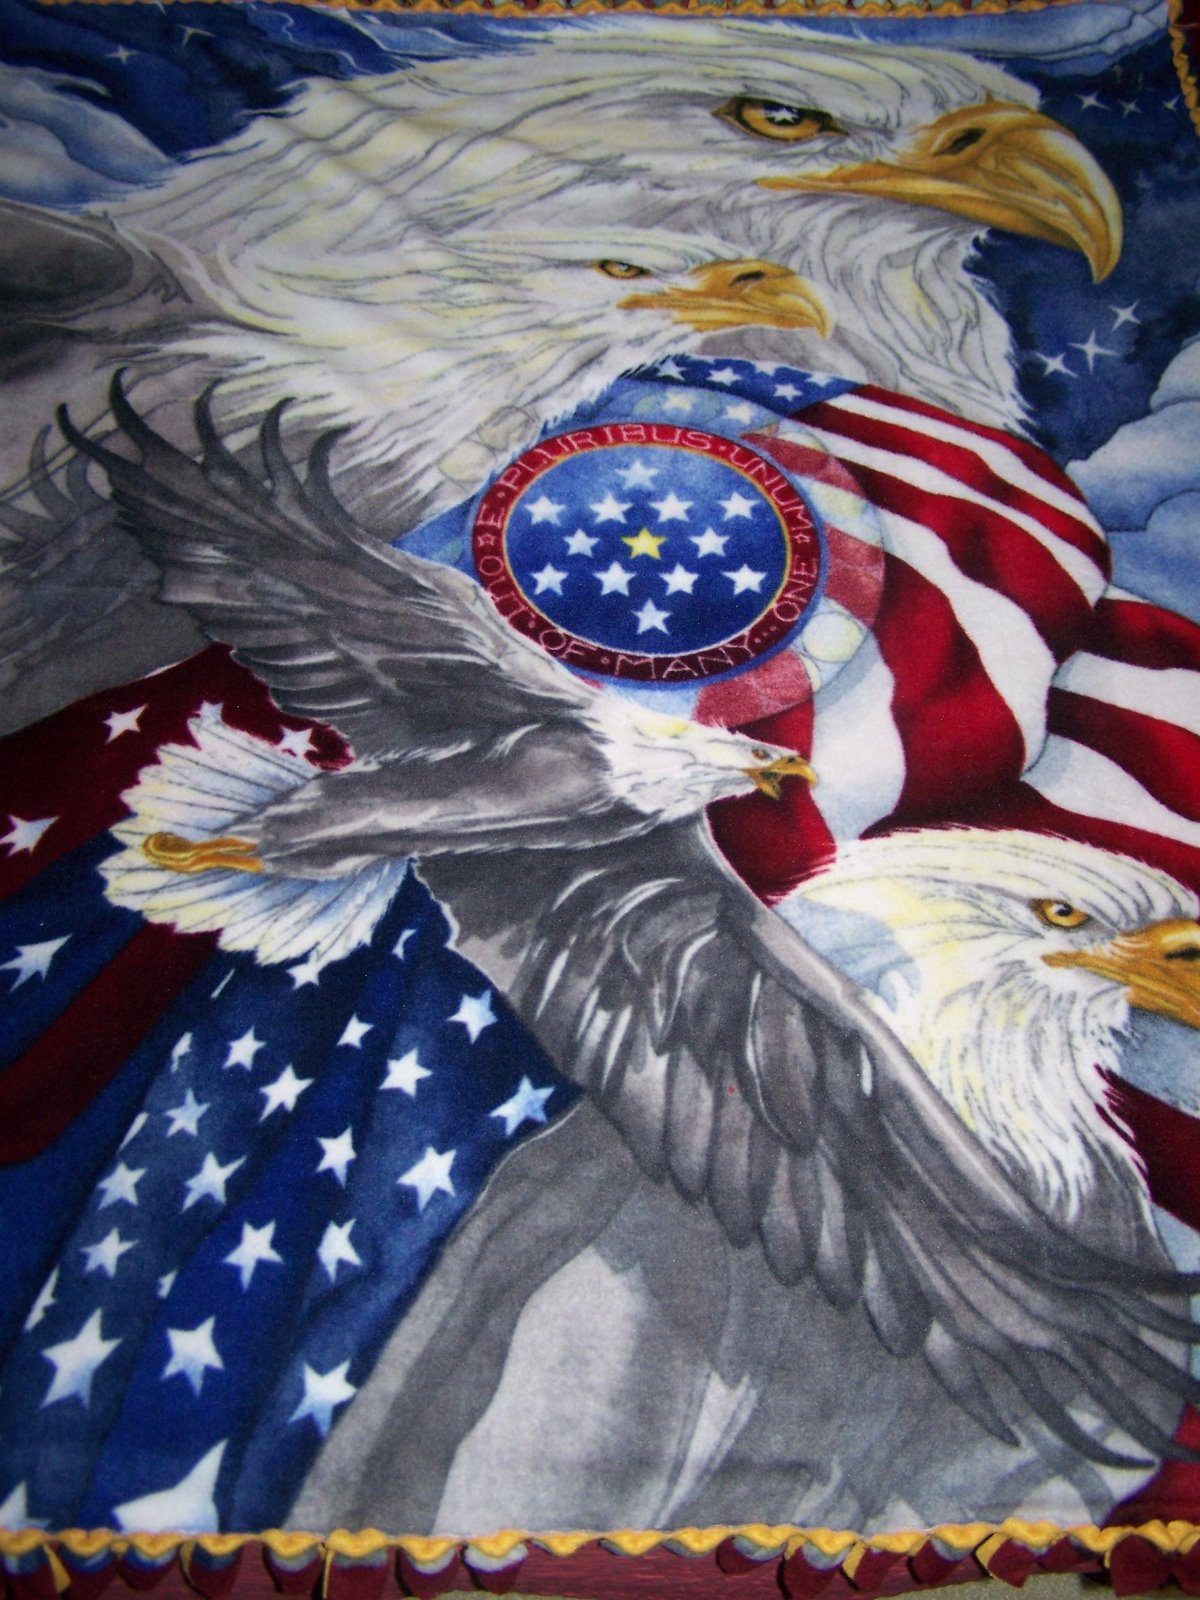 [karen001+blanket+eagle.jpg]